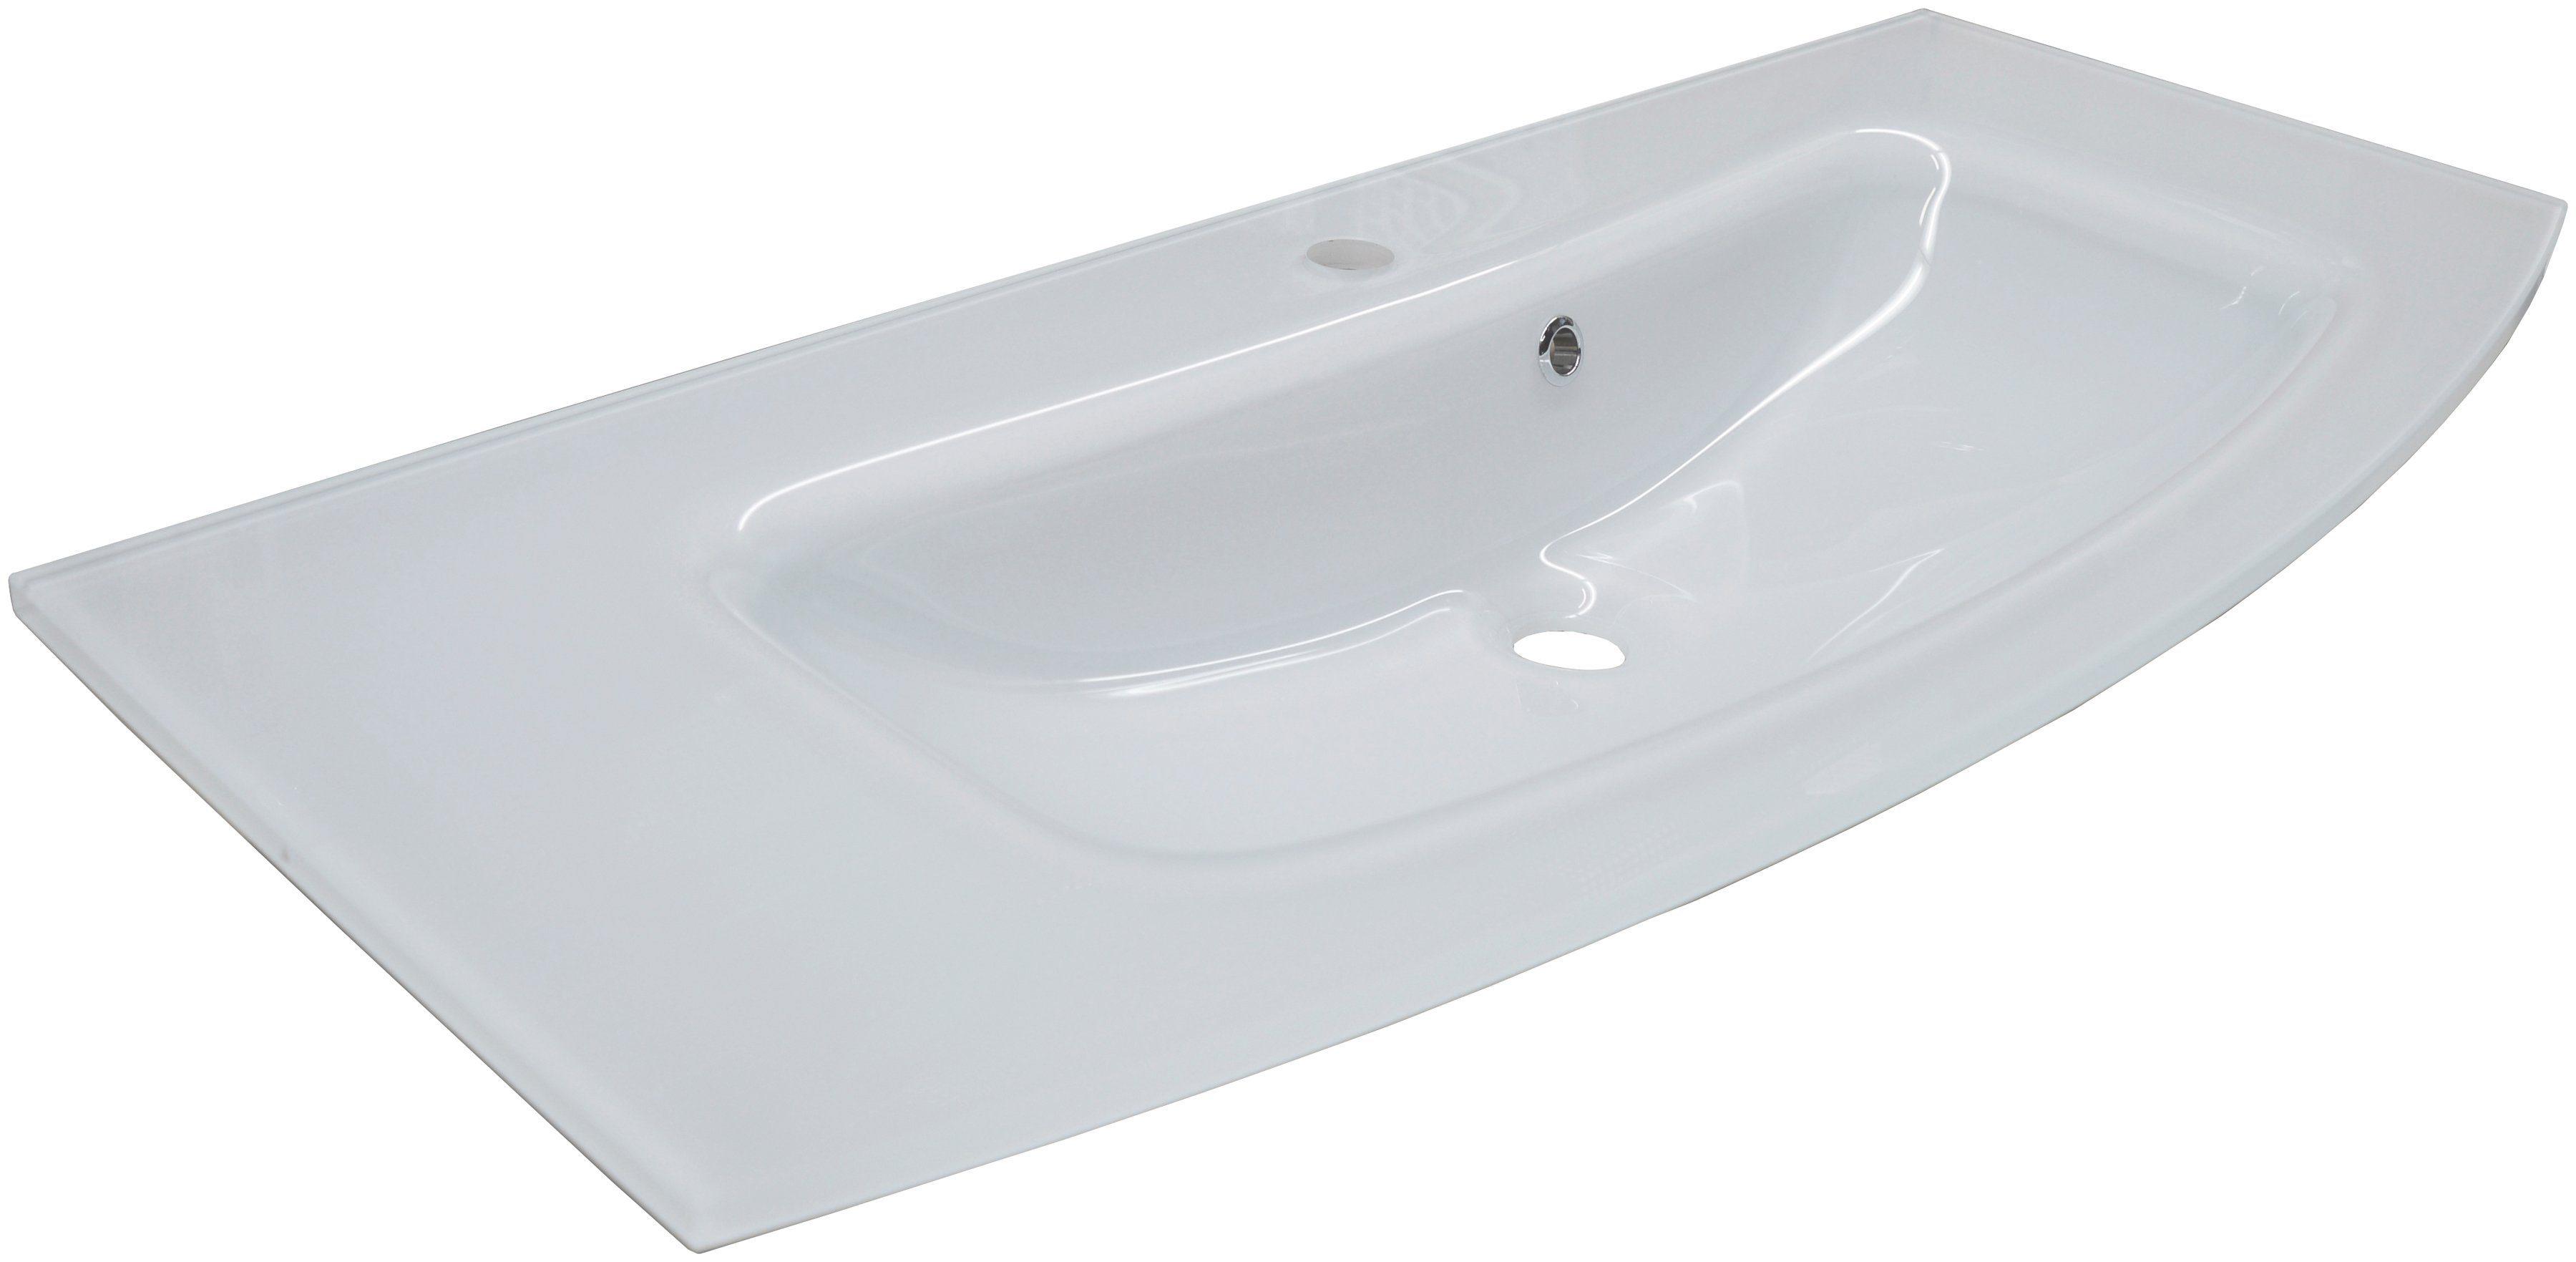 FACKELMANN Glas-Waschbecken »Rondo«, Breite 100 cm